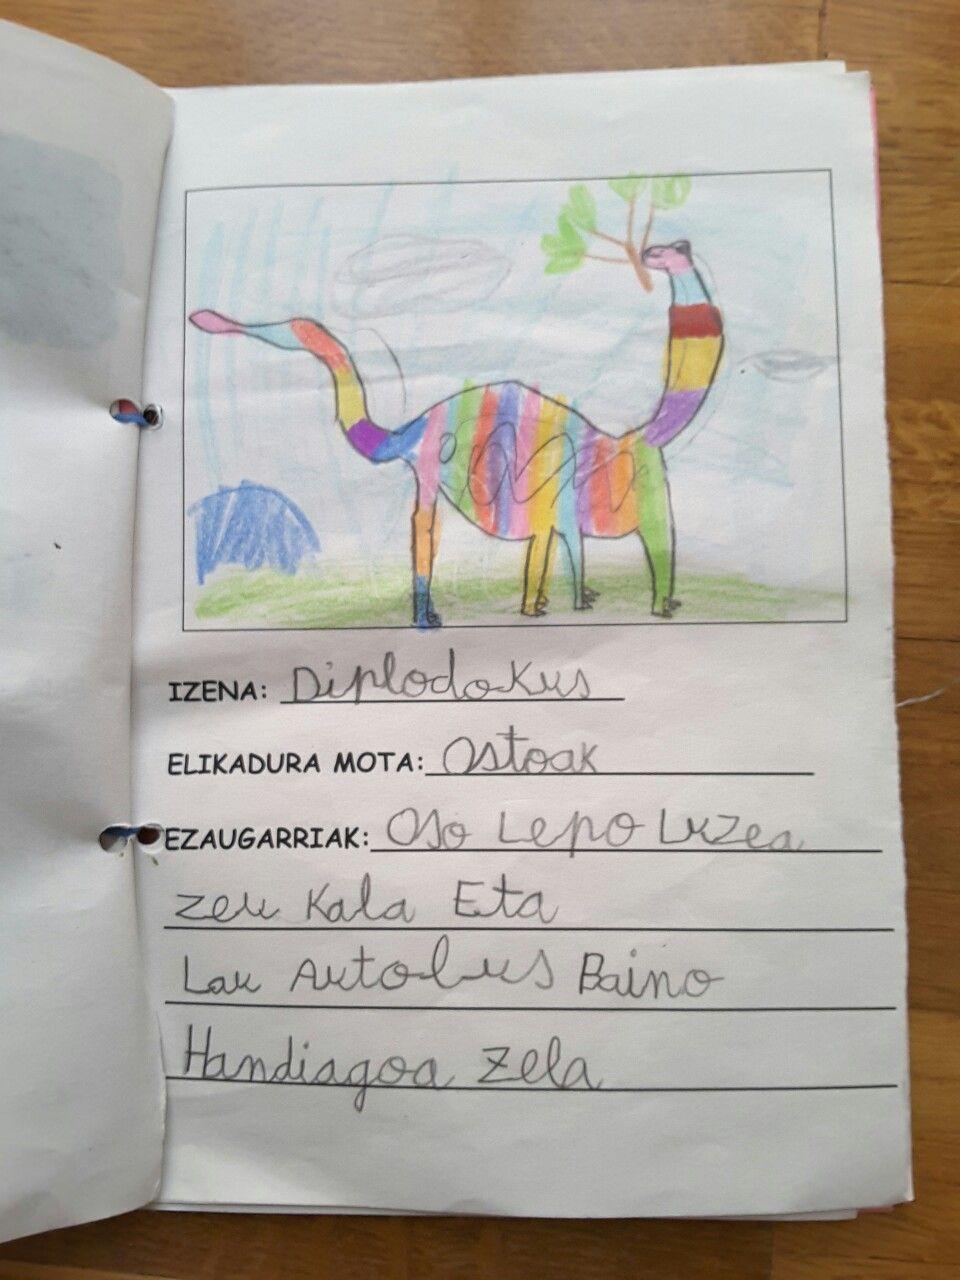 Dinosauroen liburua 5